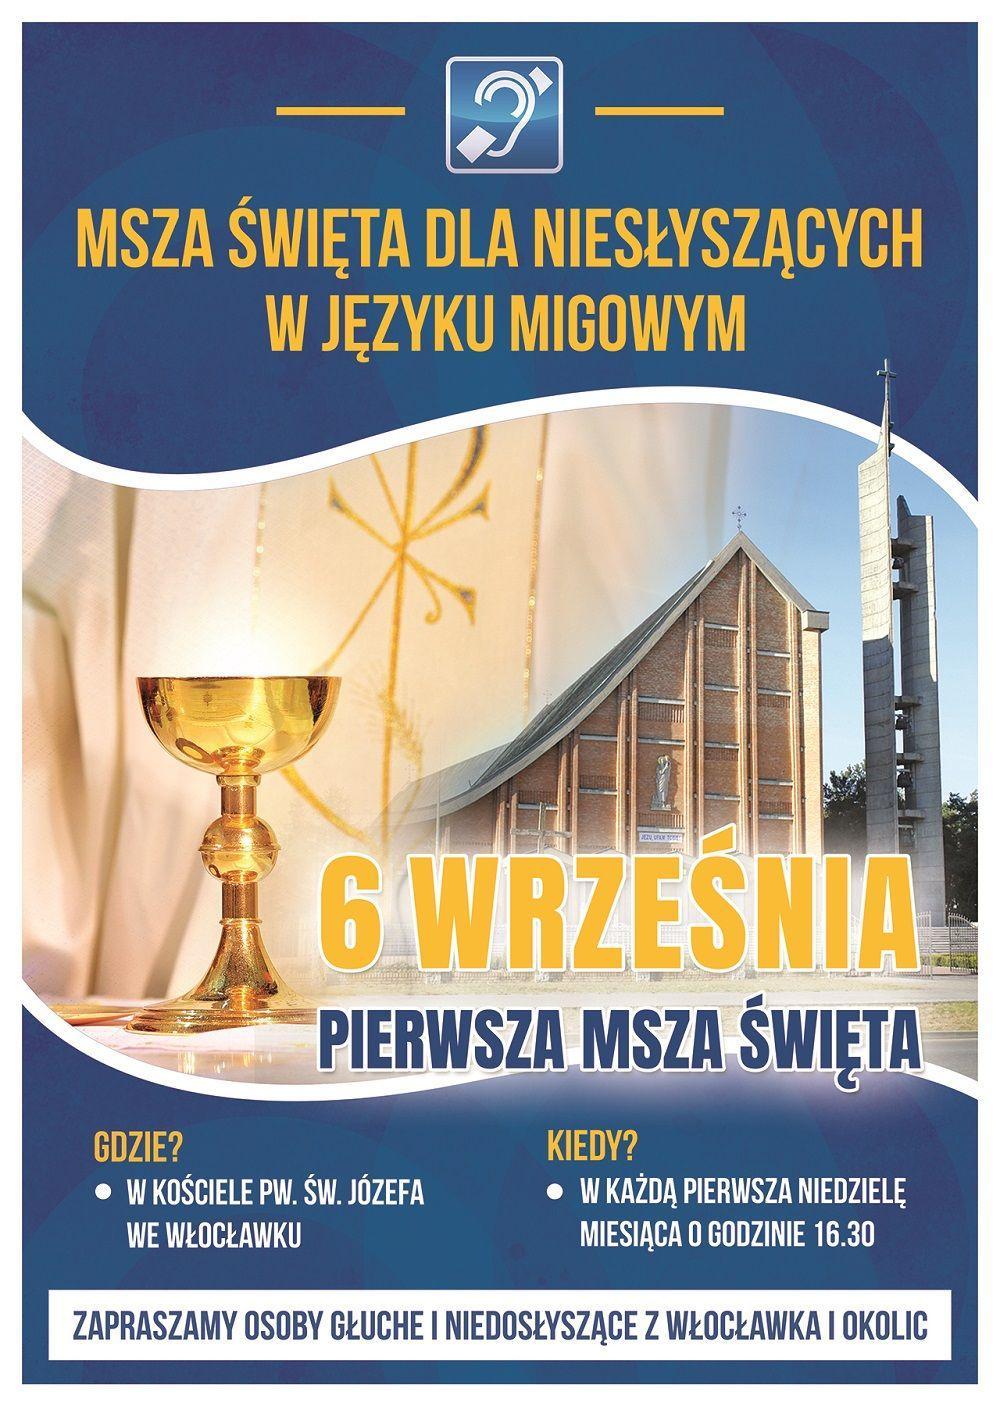 Msza św. dla niesłyszących w języku migowym (zaproszenie)